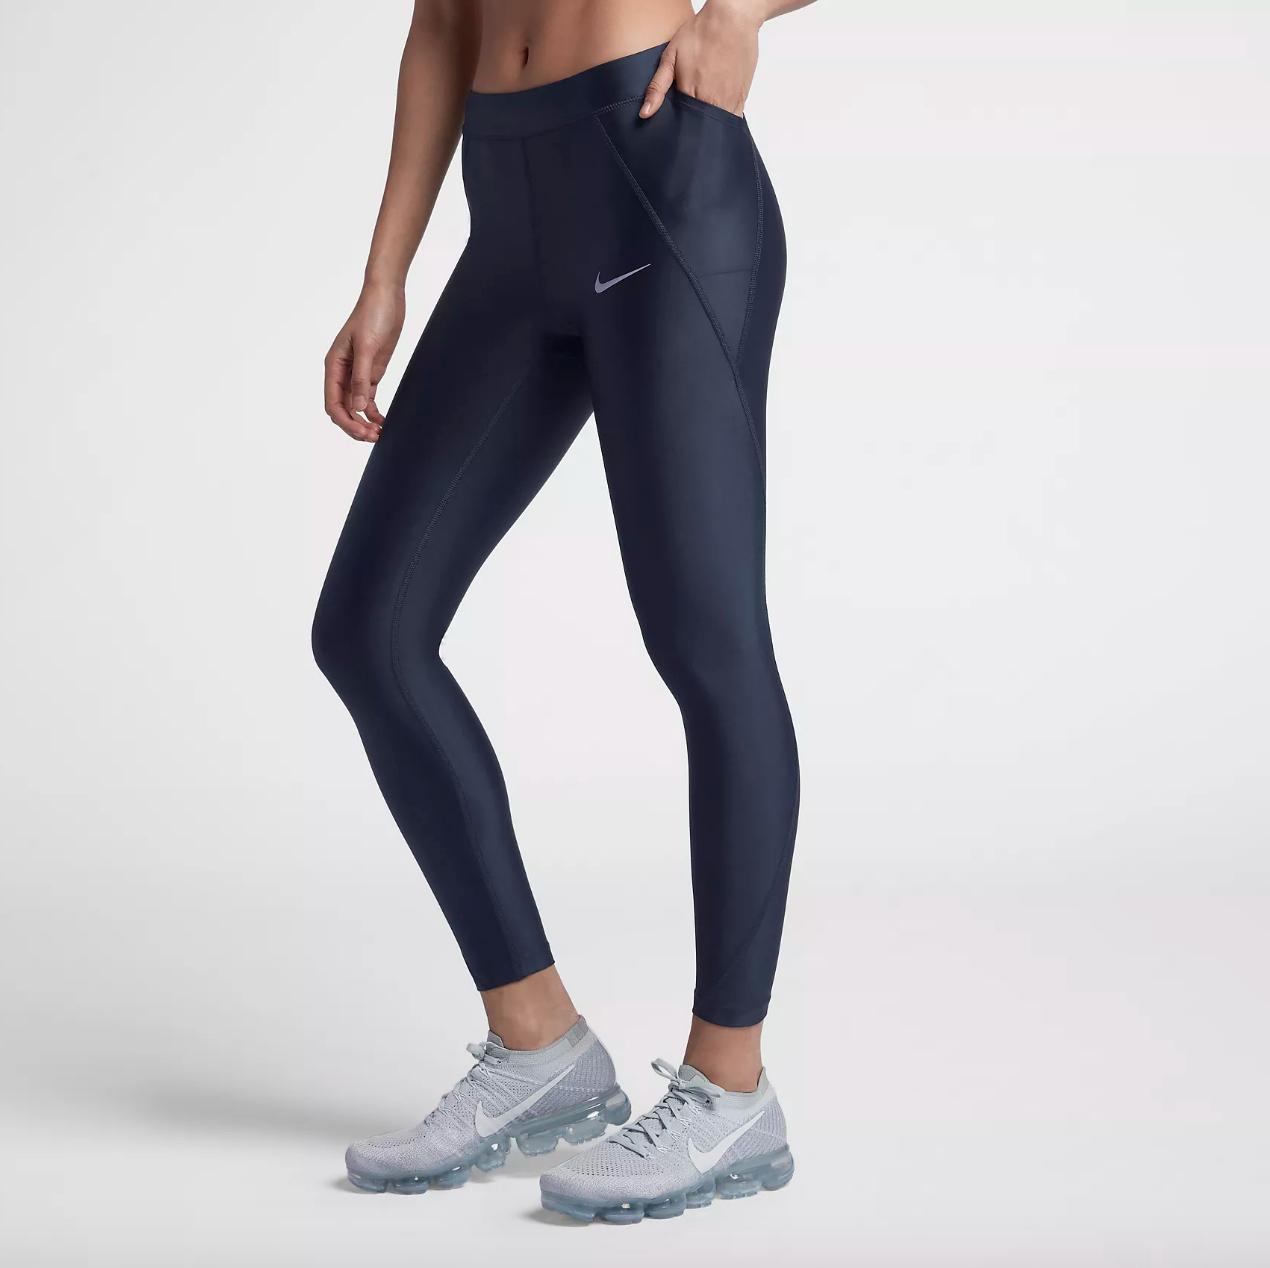 7/8 Running Tights 299₪ לפני הנחה